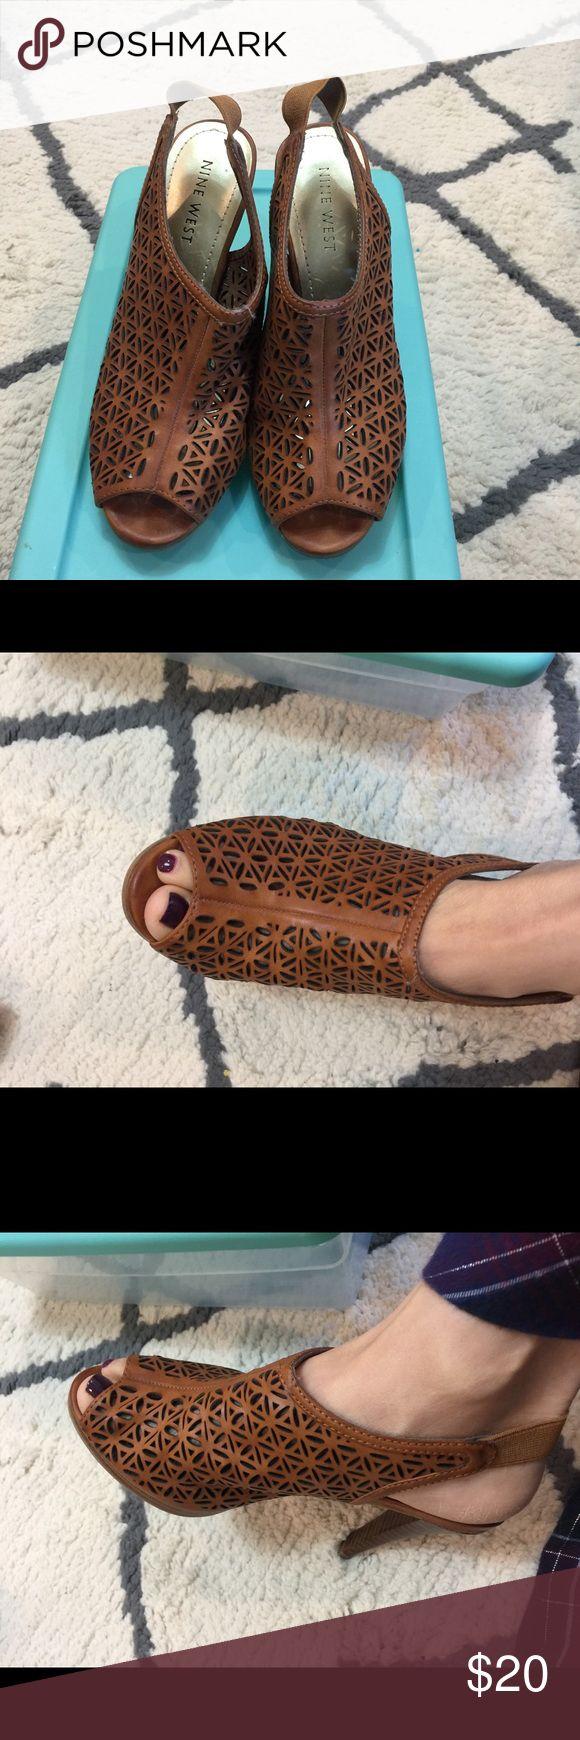 NINE WEST sandals wedge slingback Brown sz 5.0M NINE WEST sandals wedge slingback Brown sz 5.0M Nine West Shoes Heels